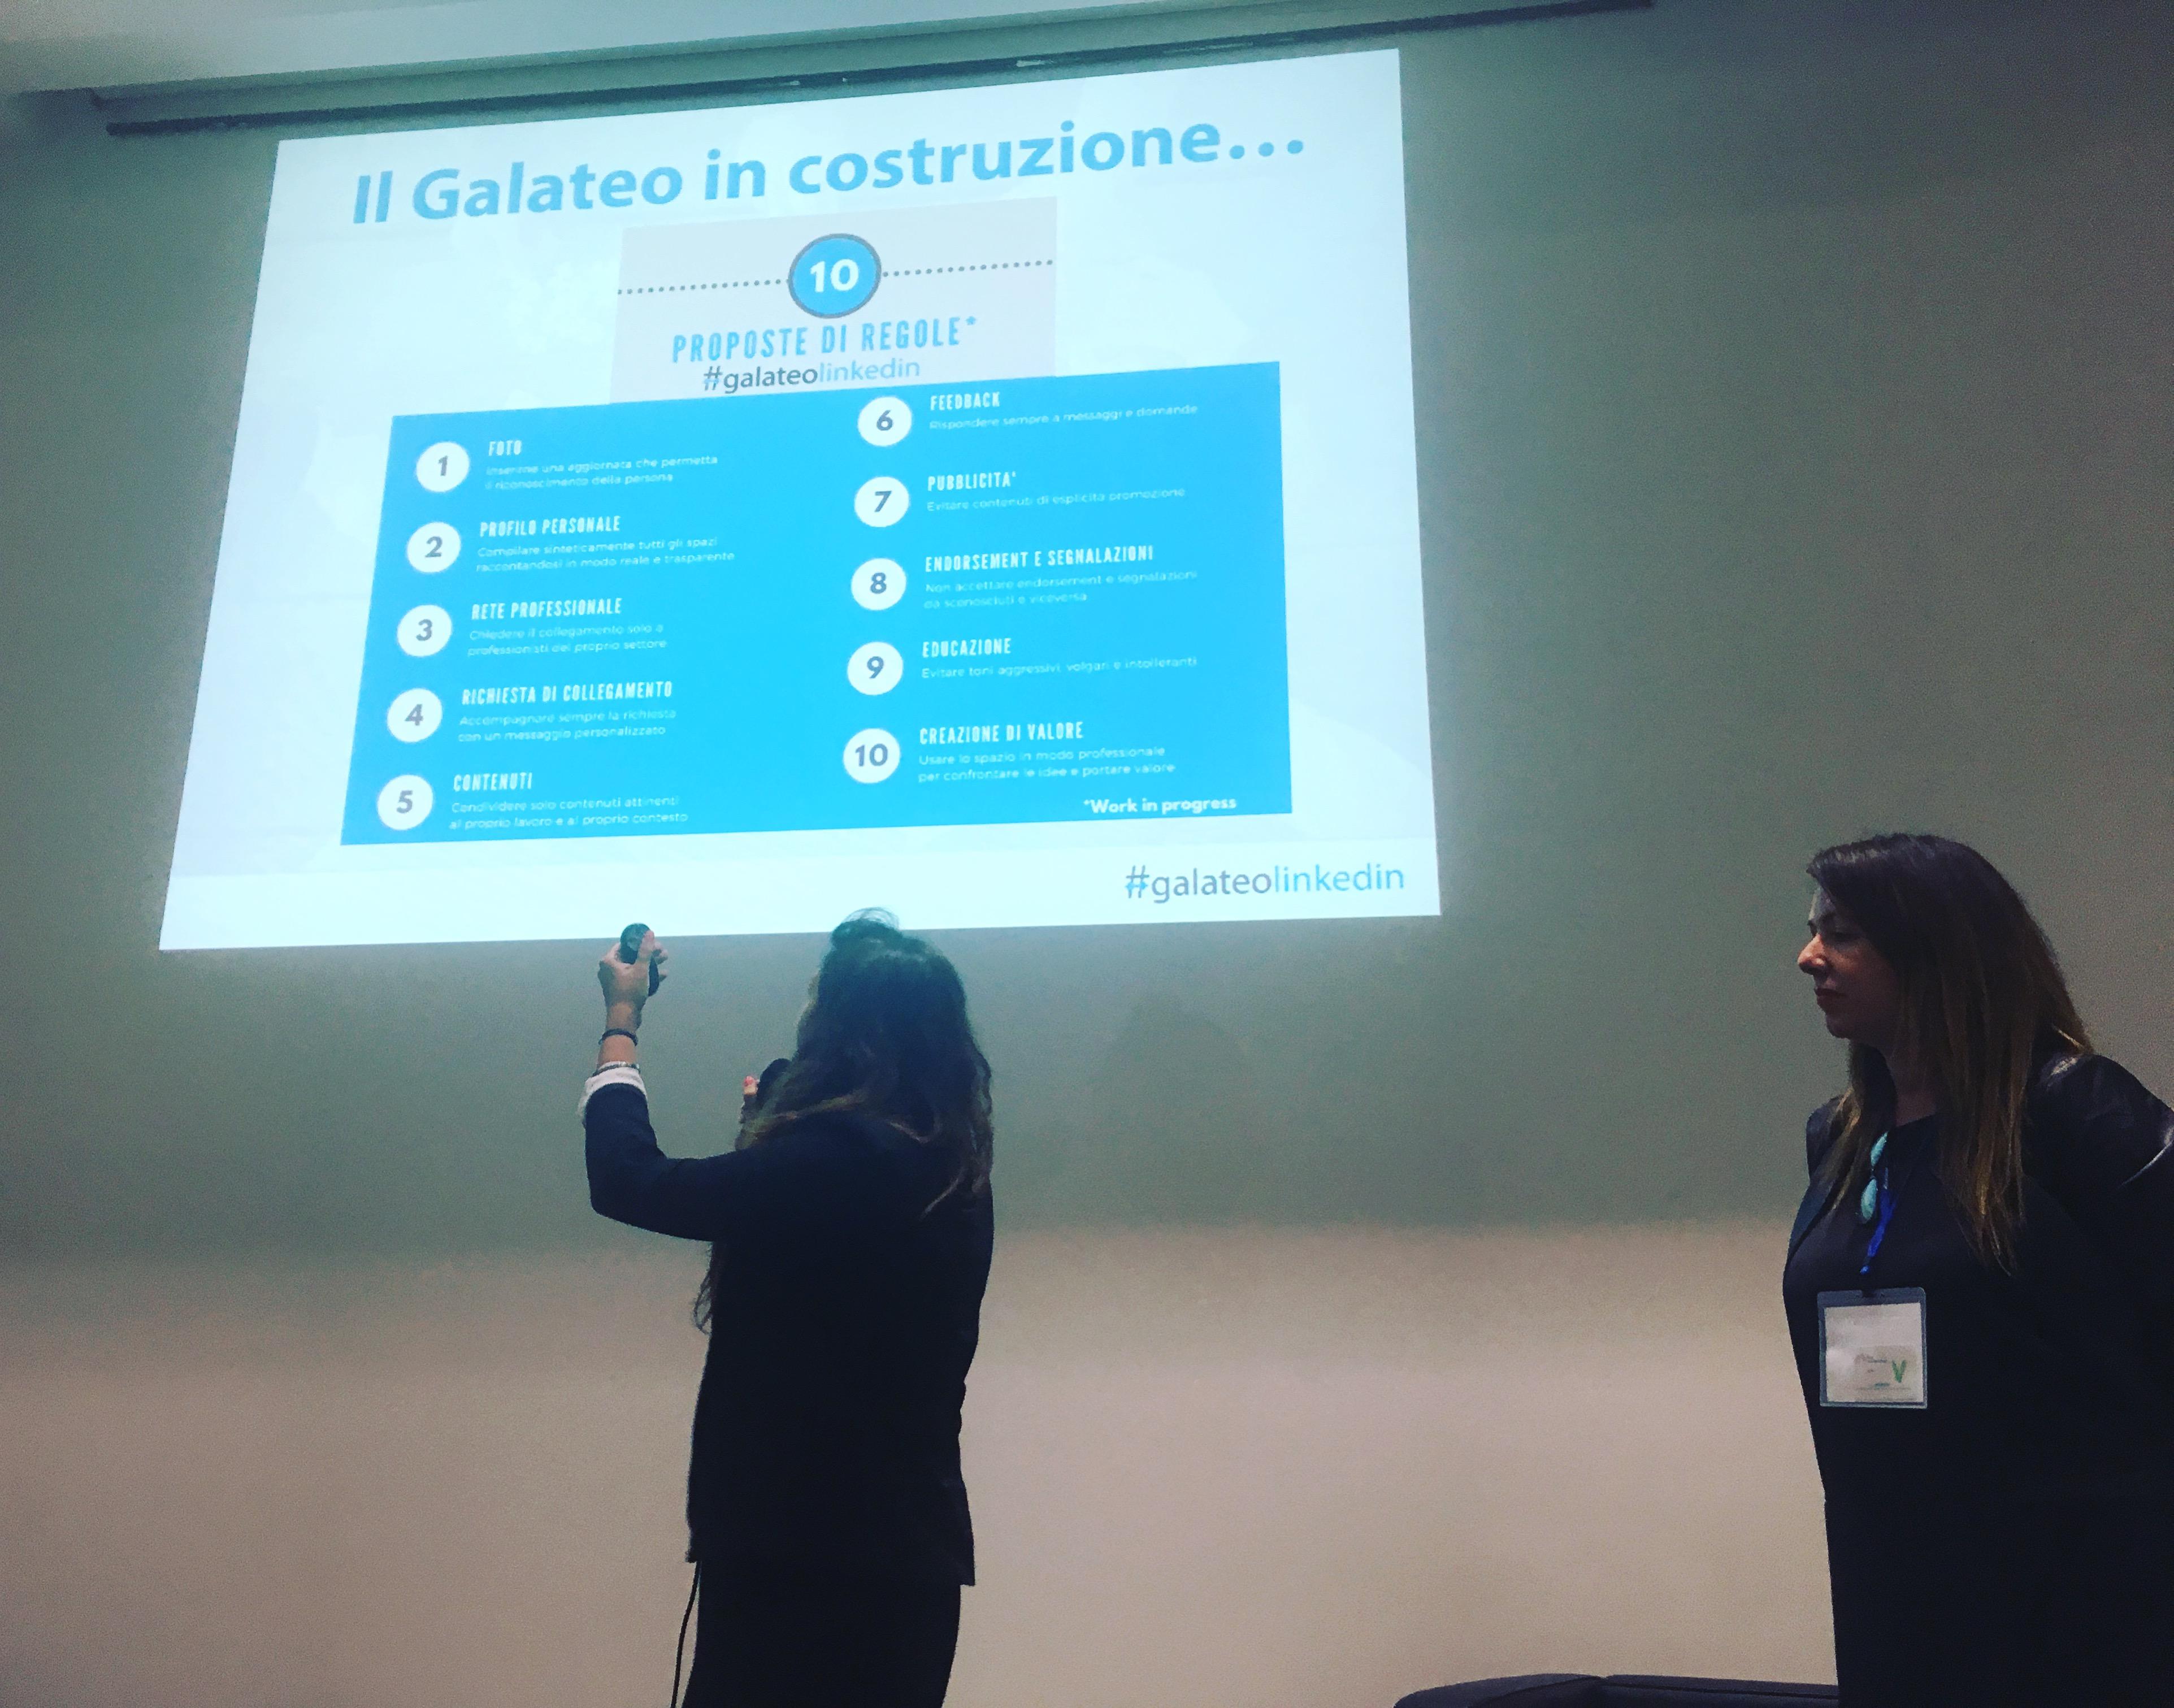 Galateo-Linkedin-Milano-Maire-Tecnimont-12-giugno-2017-TalentiEventi-3